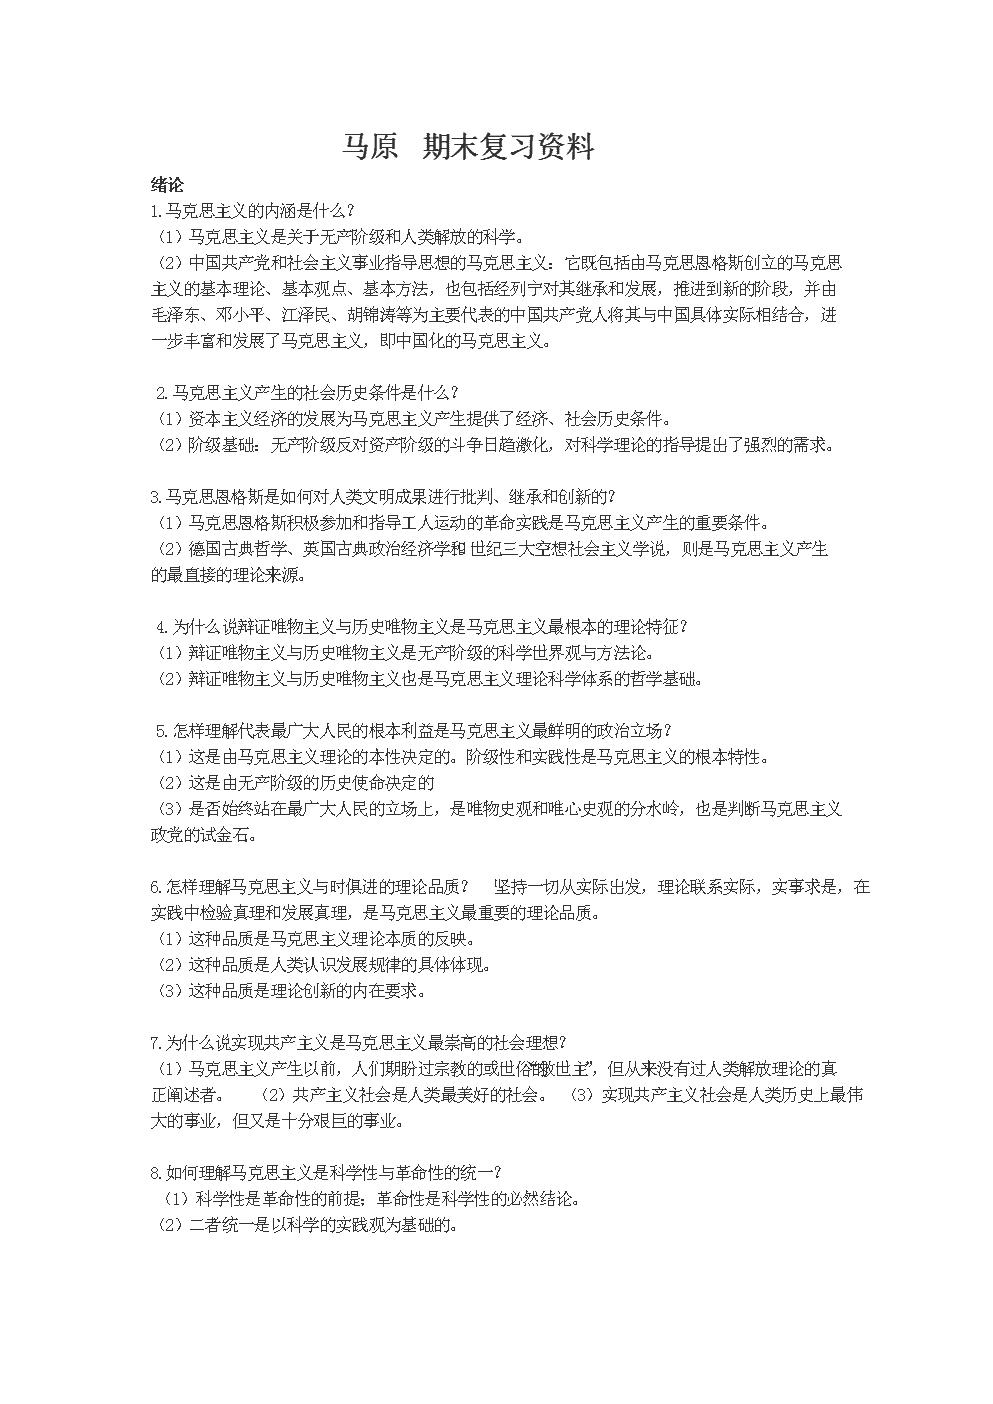 【推荐打印】马原期末复习资料.doc